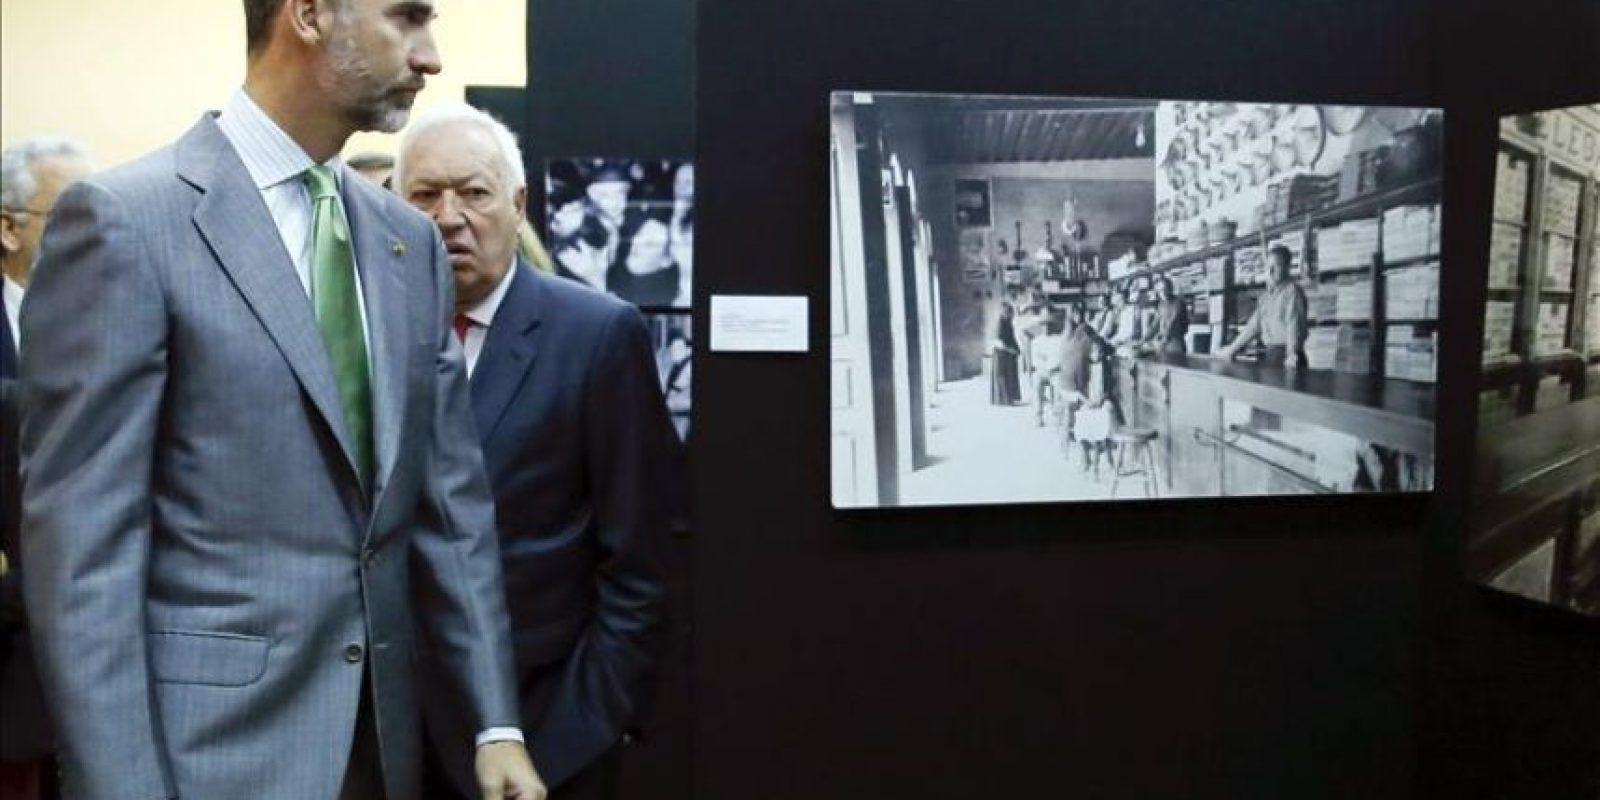 El rey Felipe acompañado por el ministro de Asuntos Exteriores, José Manuel García-Margallo (2i), durante la visita que ha realizado a una exposición fotográfica sobre la emigración española durante el siglo XX, en la sede del Círculo Mercantil, en Veracruz. El rey Felipe VI llegó ayer a México para participar en la XXIV Cumbre Iberoamericana que se celebra el lunes 8 y el martes 9 de diciembre en Verazcruz (México). EFE